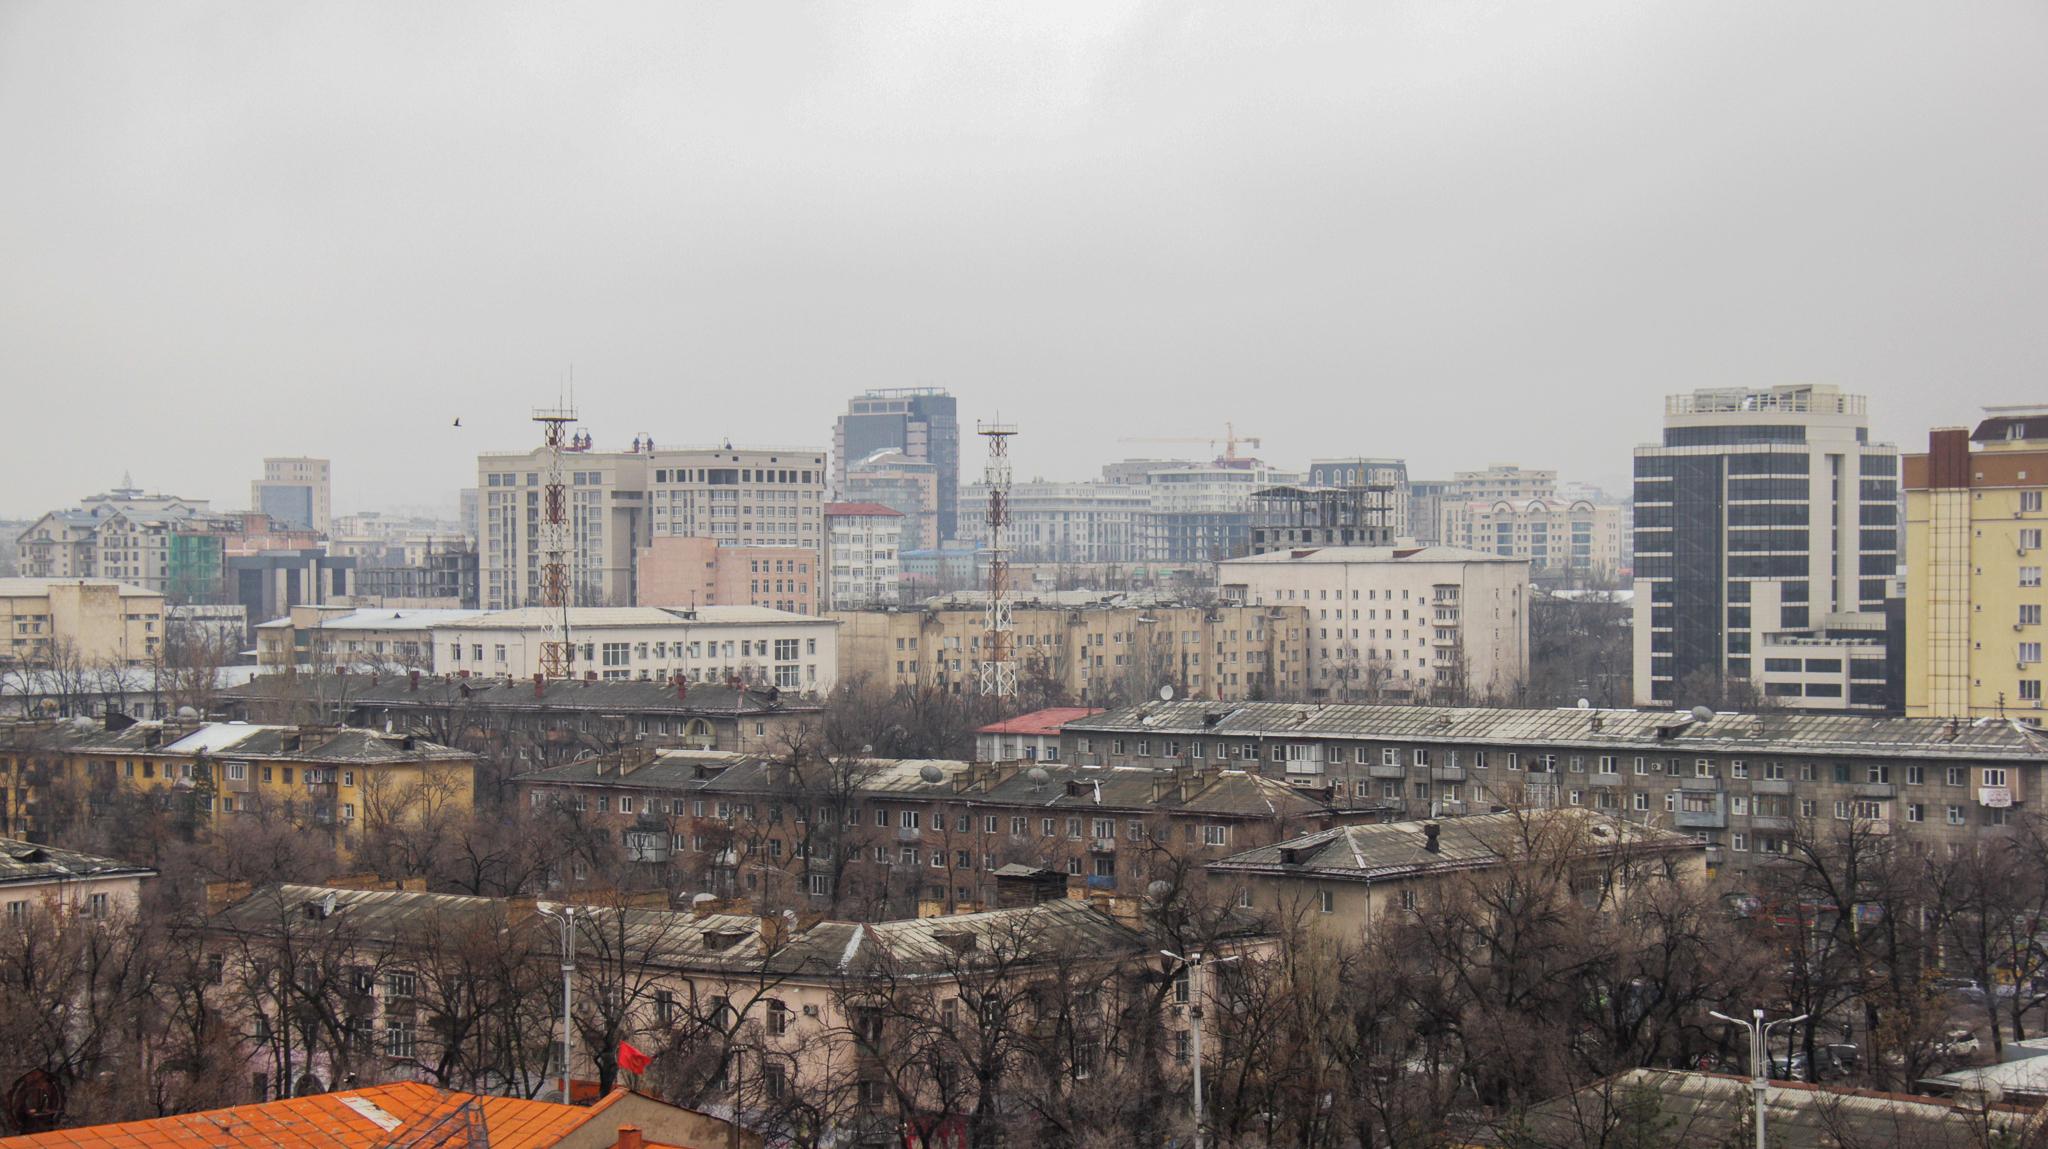 Тут мало необычного, признаем это. Но это взгляд на характерную архитектуру Бишкека - монотонную и серую.